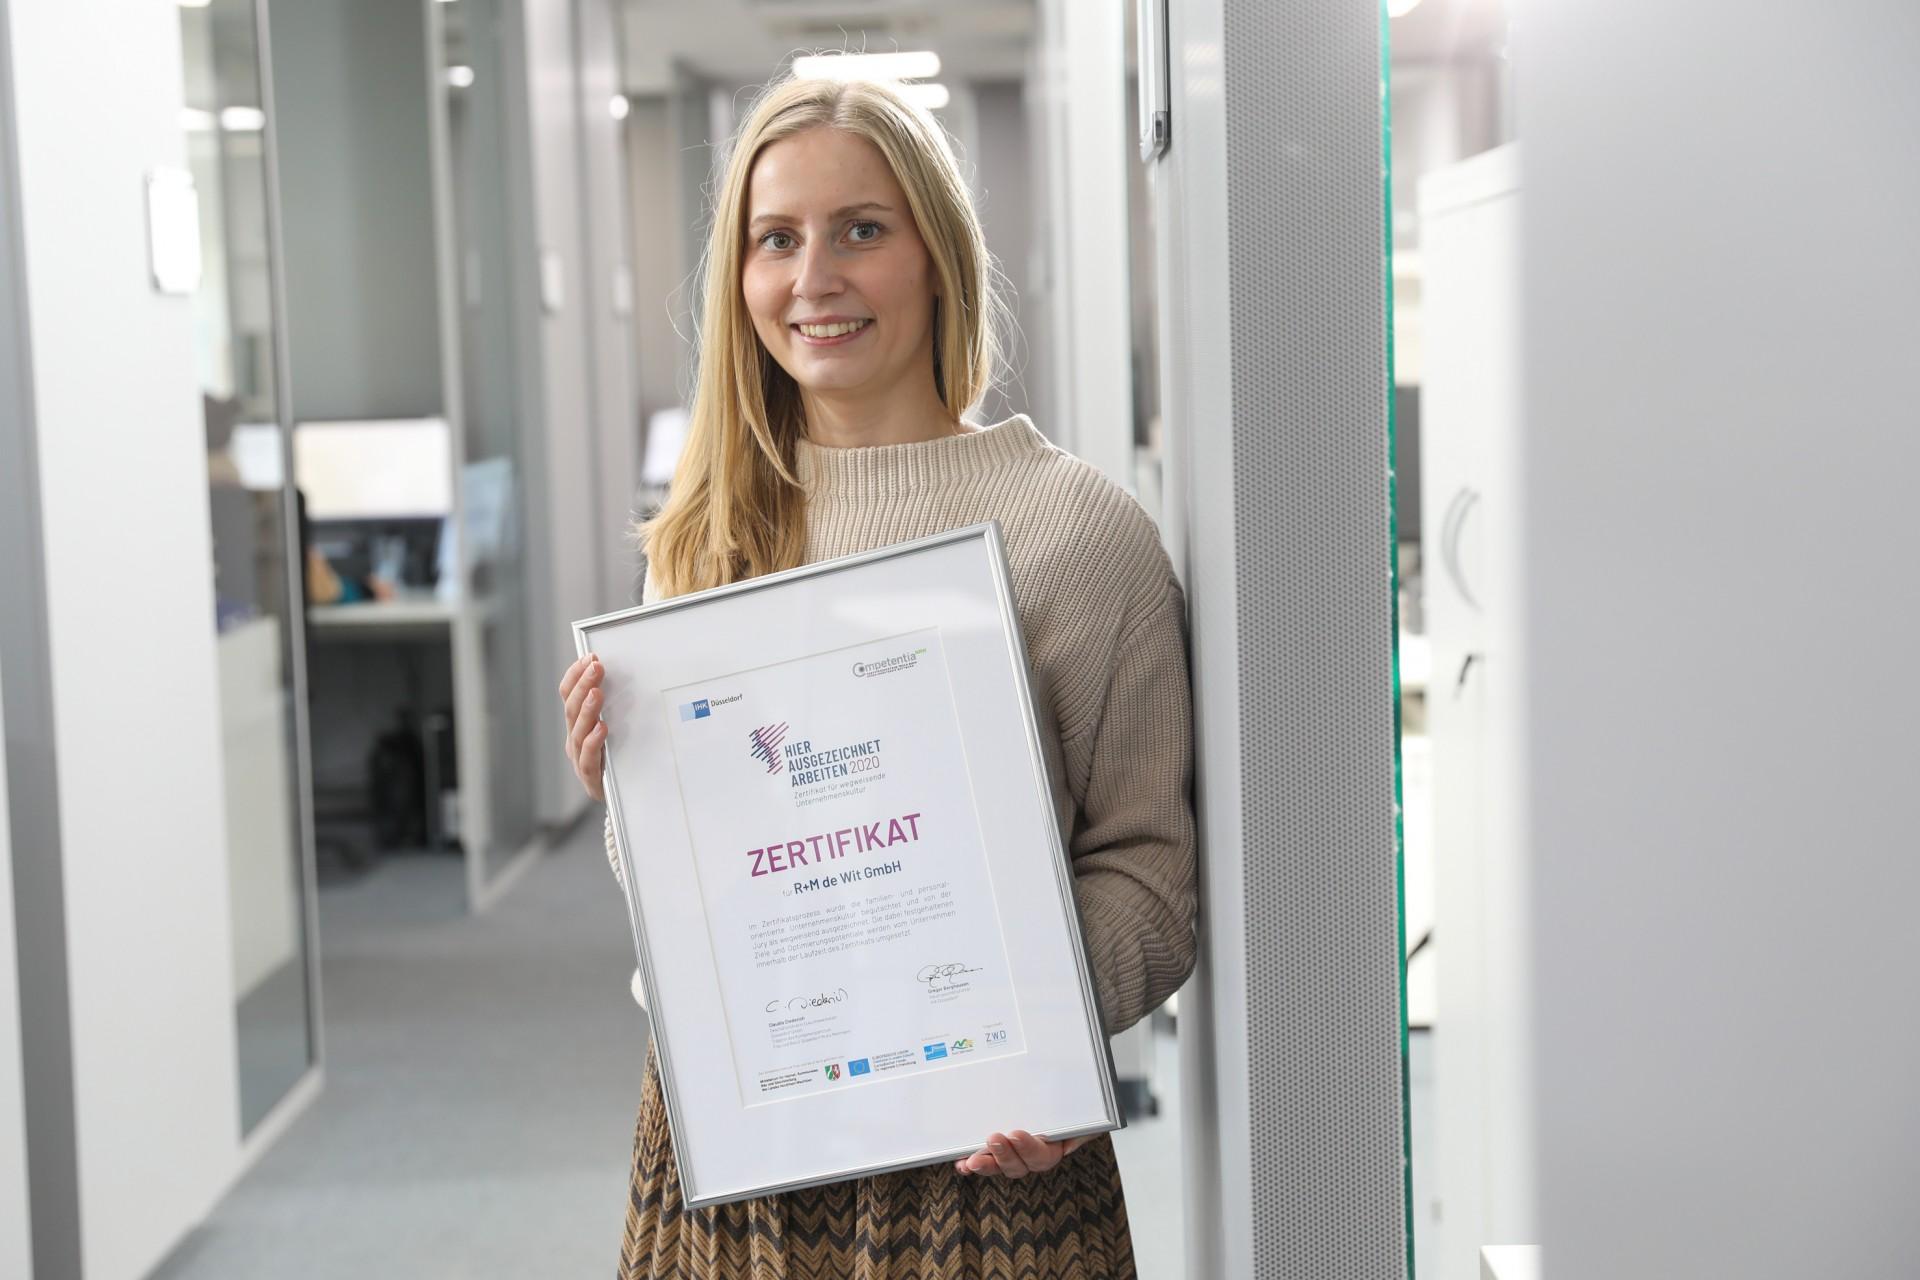 familienfreundliche Personalpolitik, Britta Kniprath hält das Zertifikat